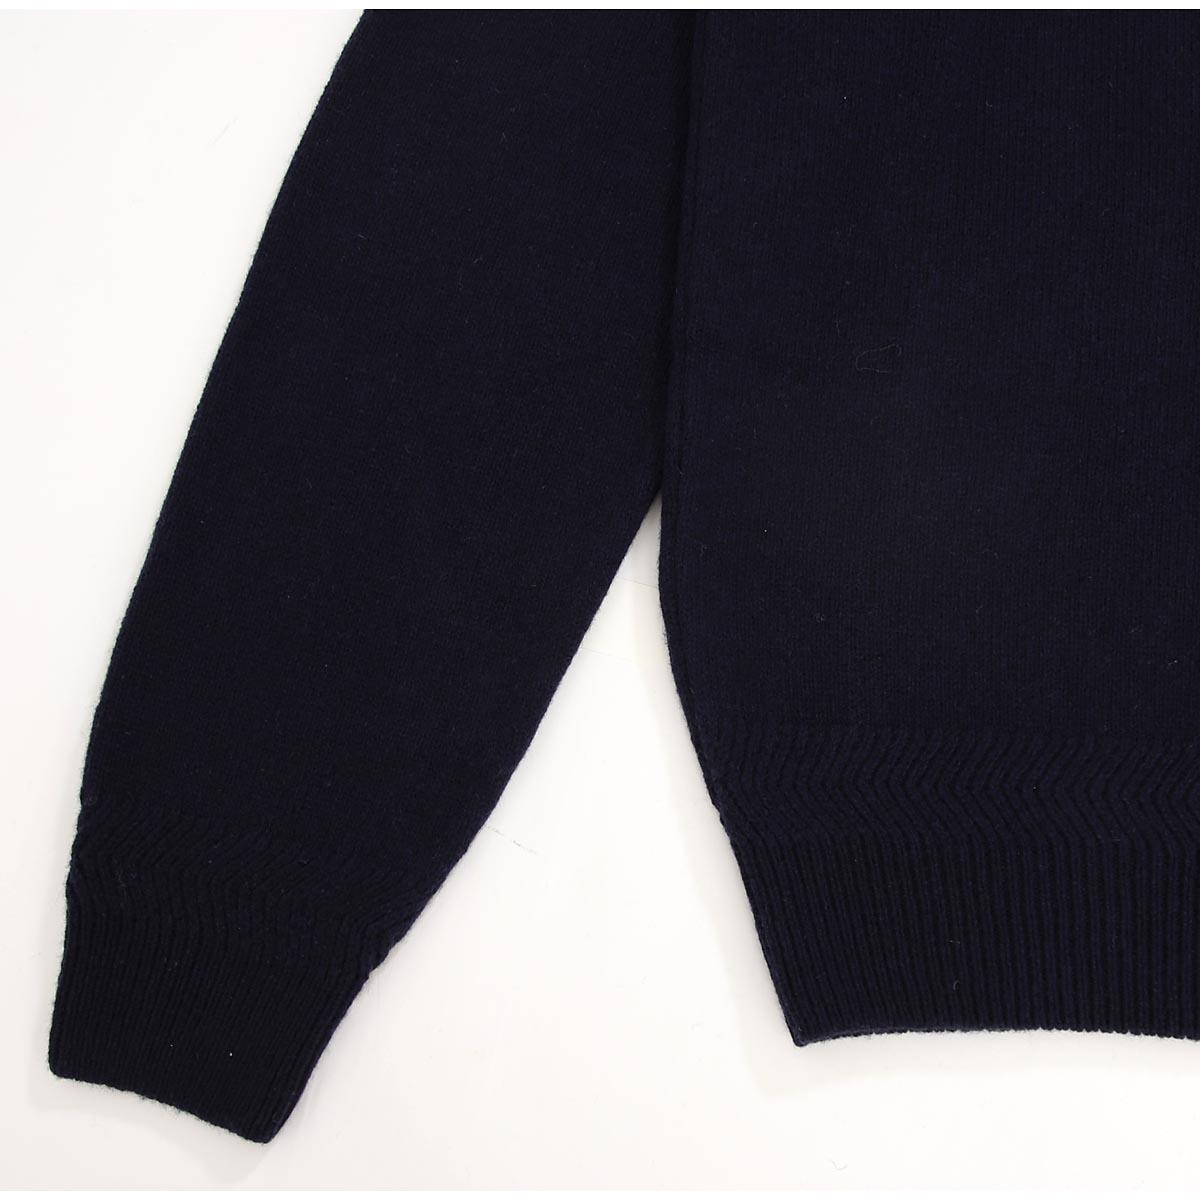 JOHN SMEDLEY ジョンスメドレー タートルネック セーター/BRADDOCK ブラドック 7ゲージ メンズ